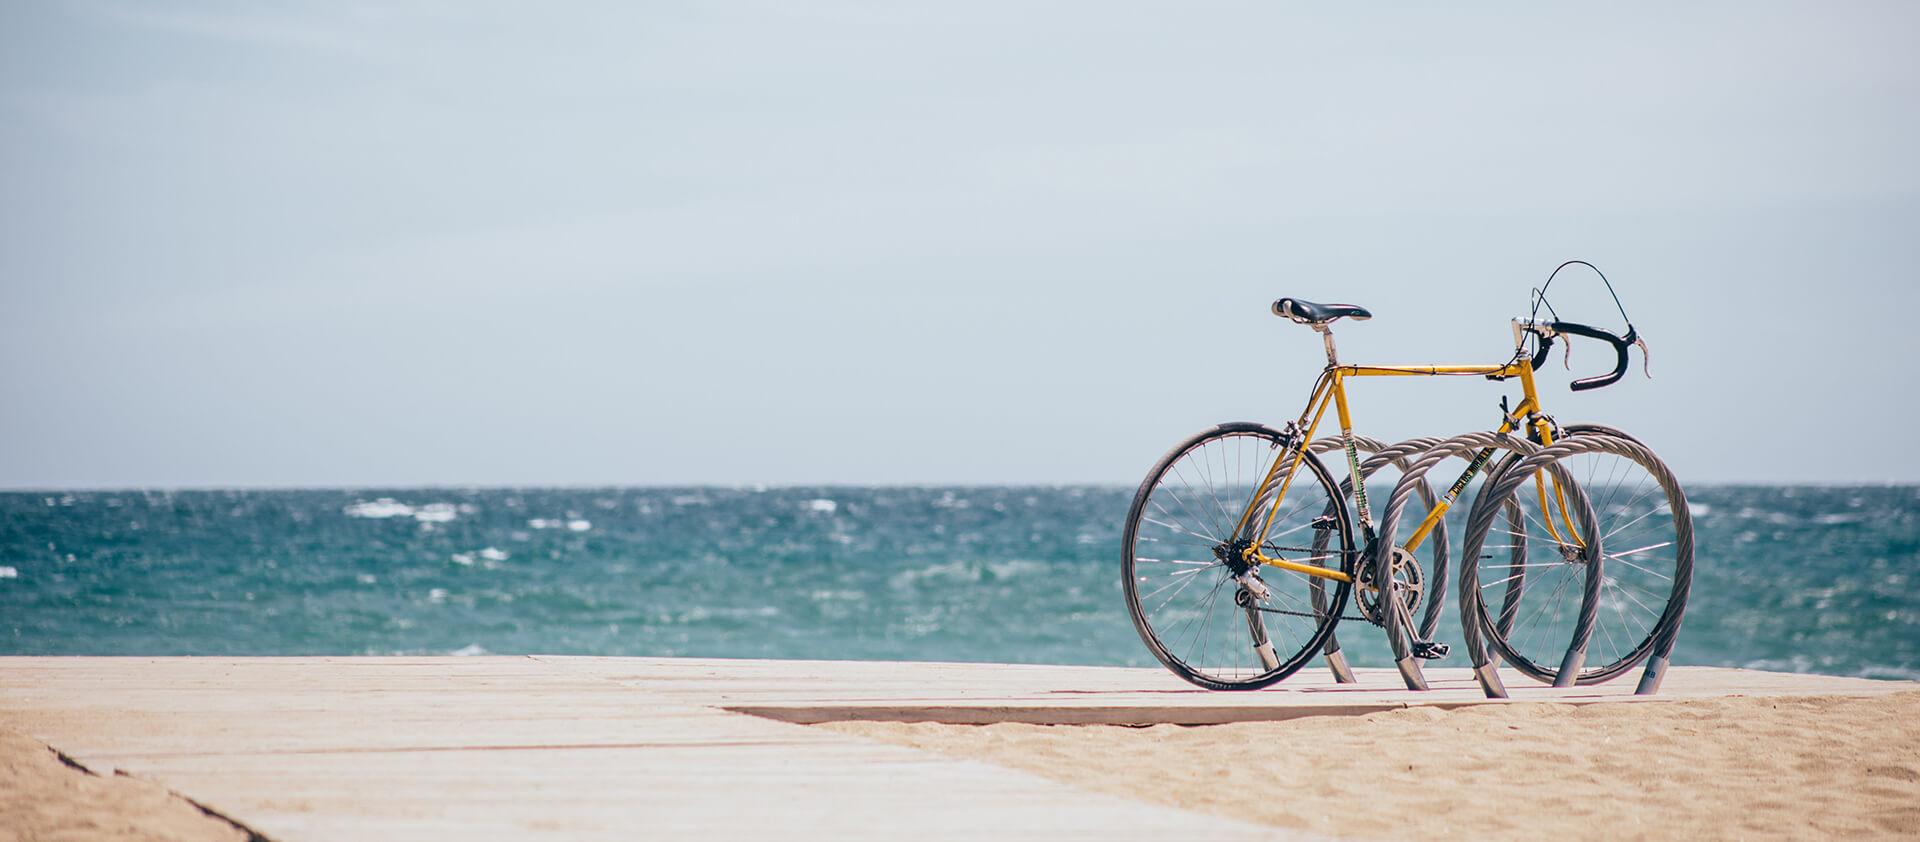 Vélo parqué sur une estacade en bois sur la plage